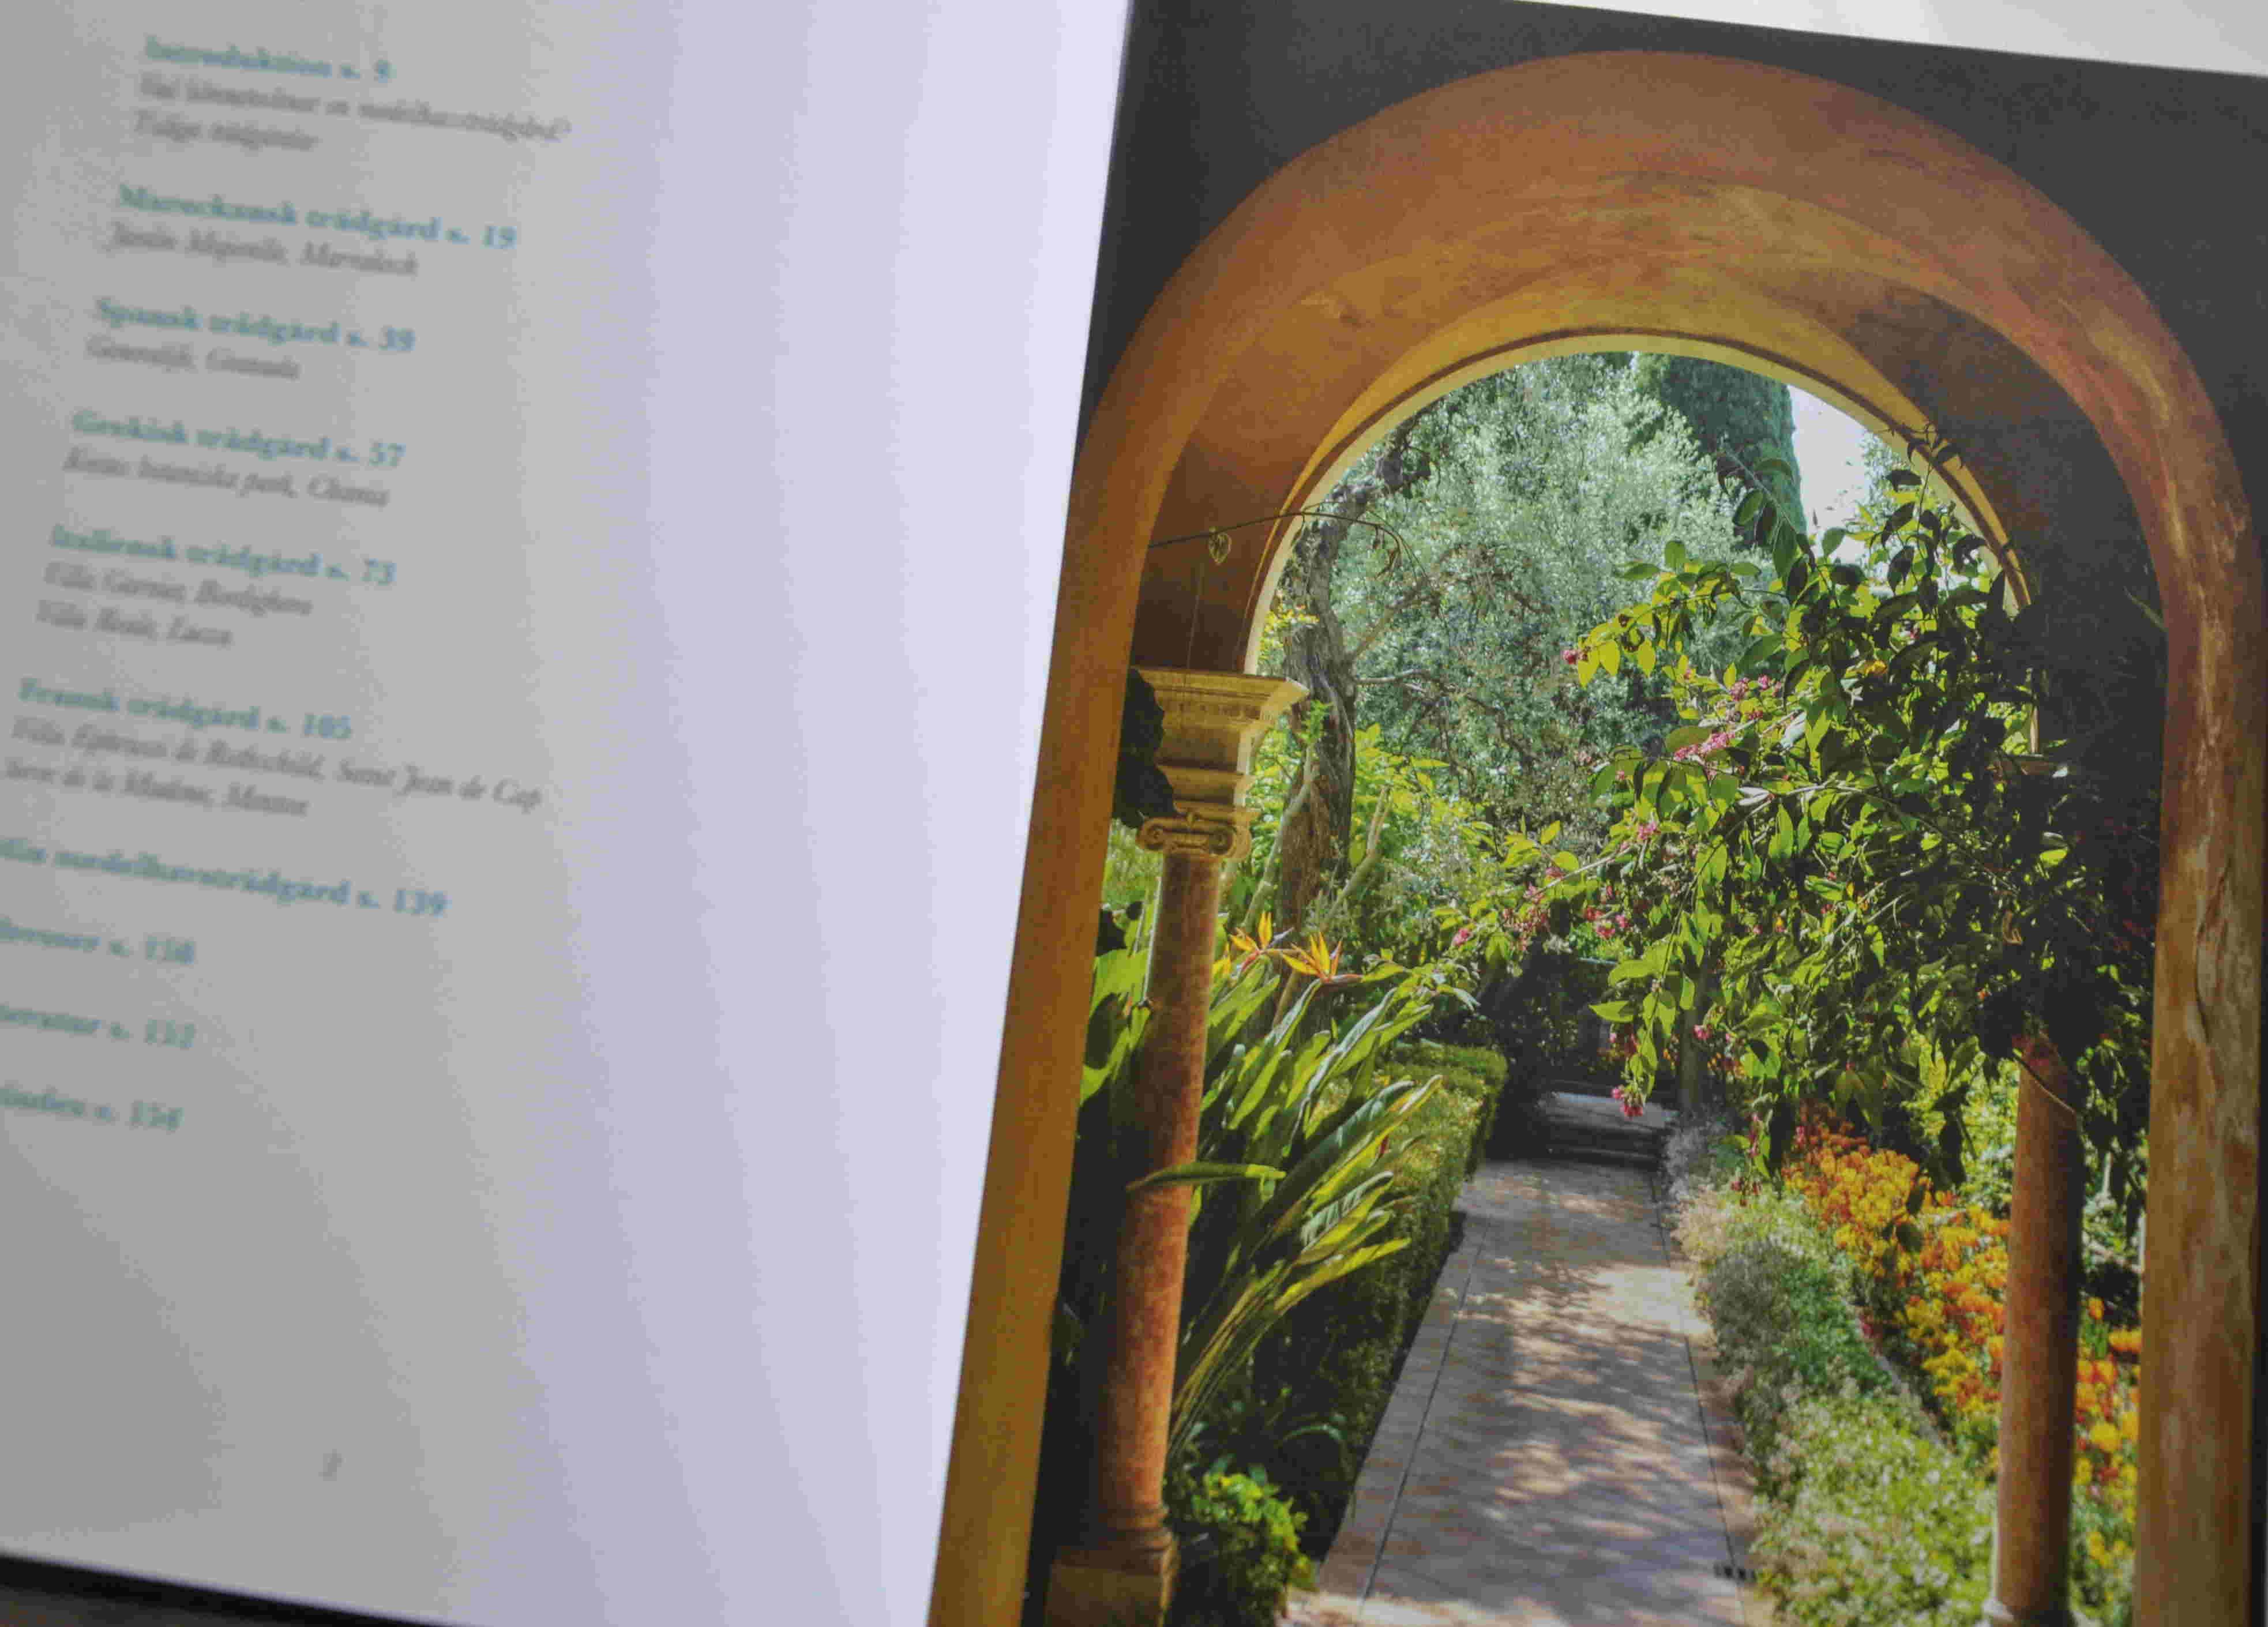 Många illustrationer från medelhavsträdgårdar och medelhavsväxter kryddar texten.